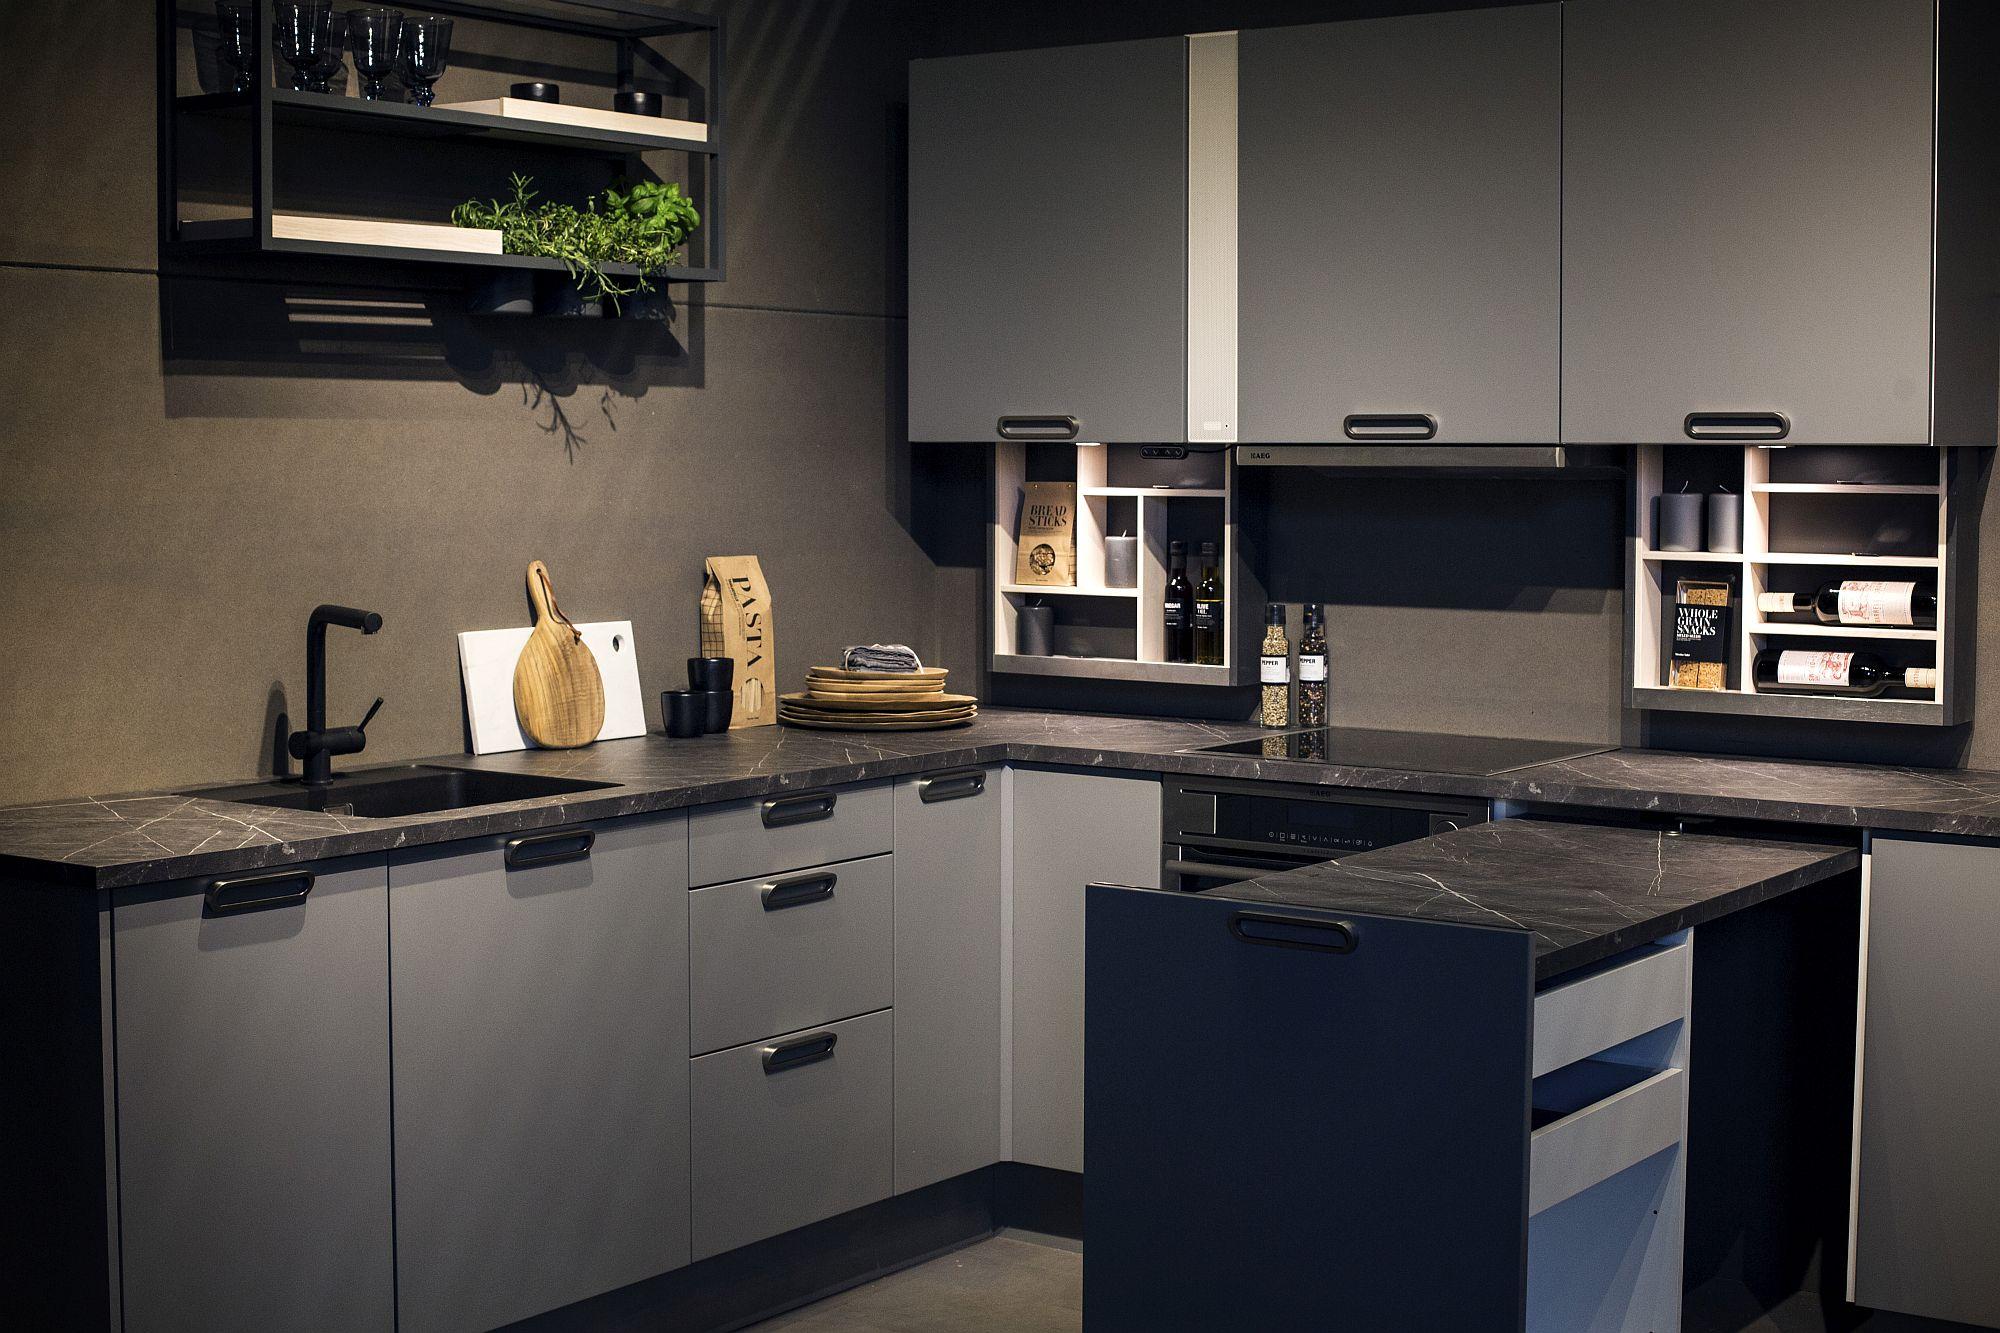 Современный дизайн интерьера и мебели для маленькой кухни. Компактное размещение мебели  - фото 3